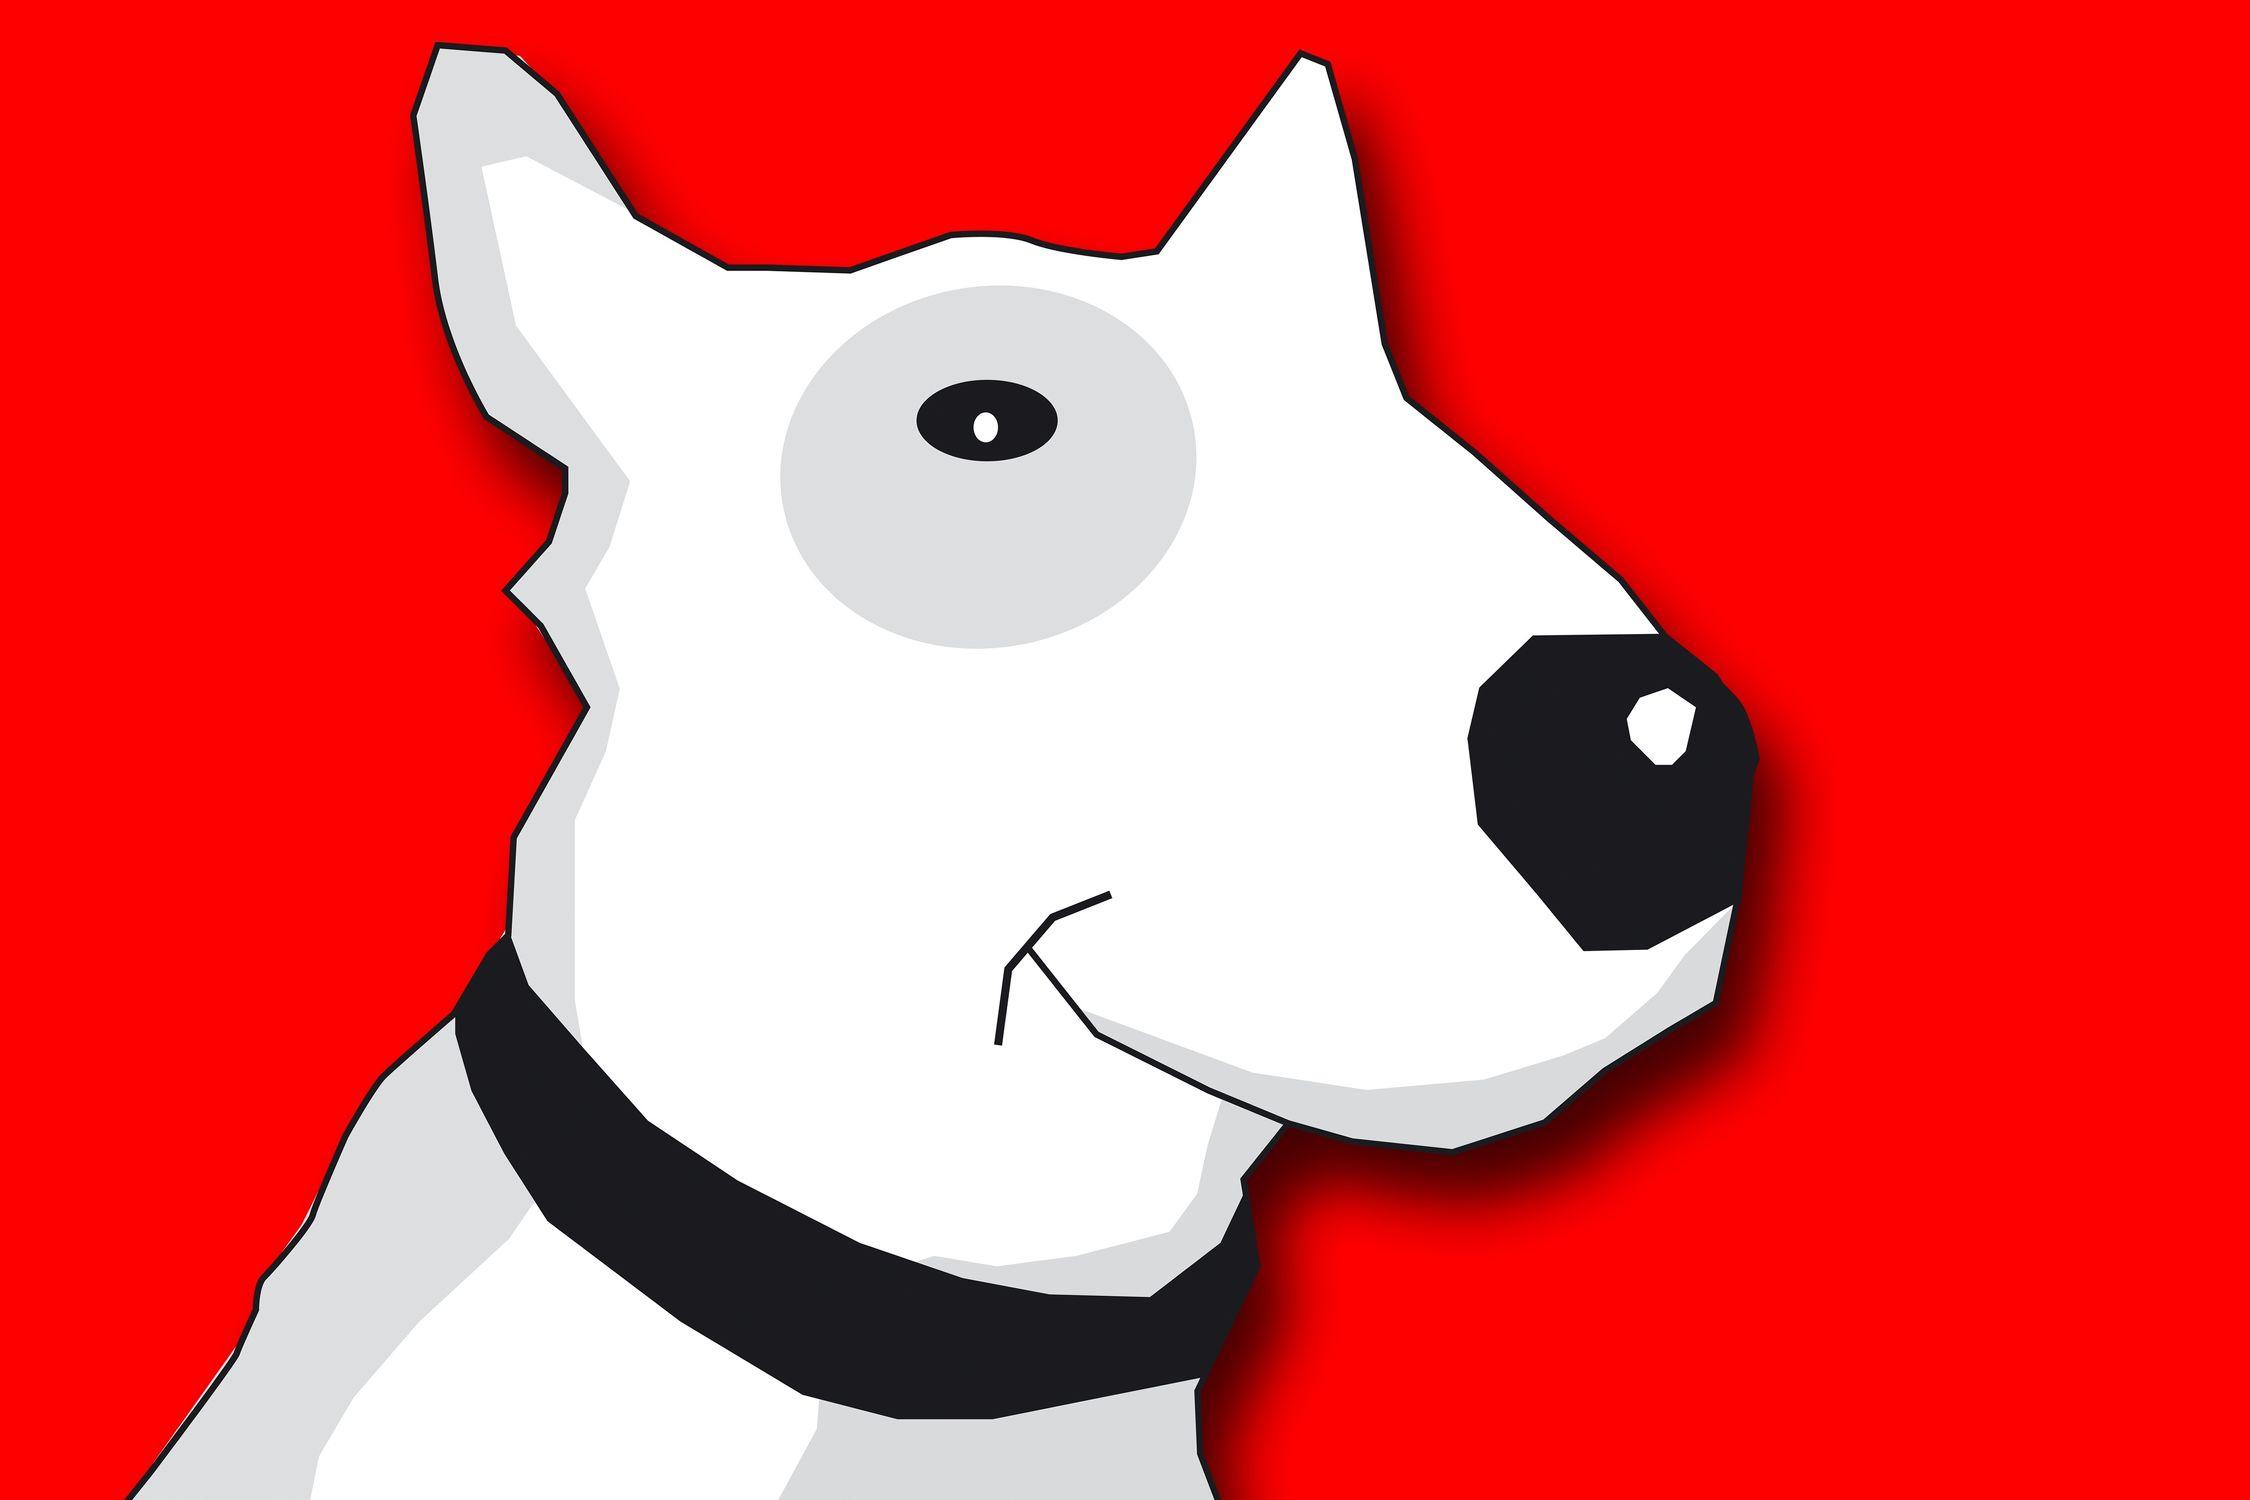 Bild mit Hunde, Hund, Dog, Zeichnung, Illustration, Bullterrier, Hundebild